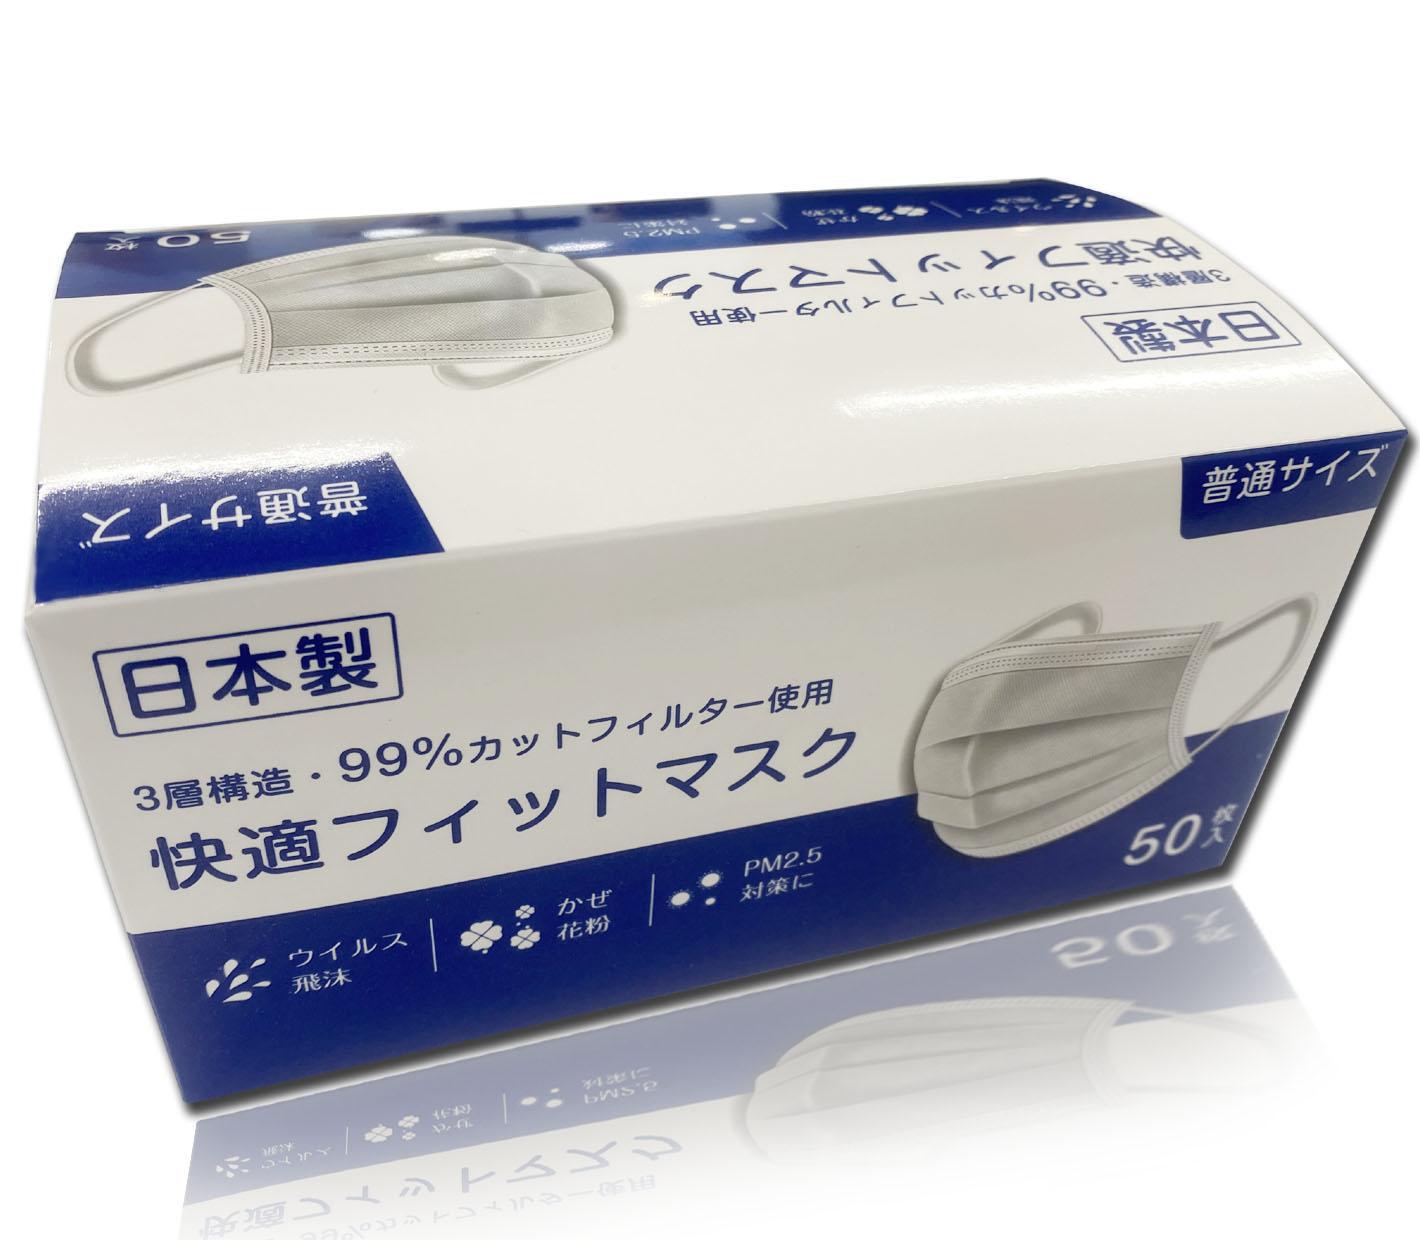 日本製 マスク 快適フィットマスク 不織布マスク  50枚